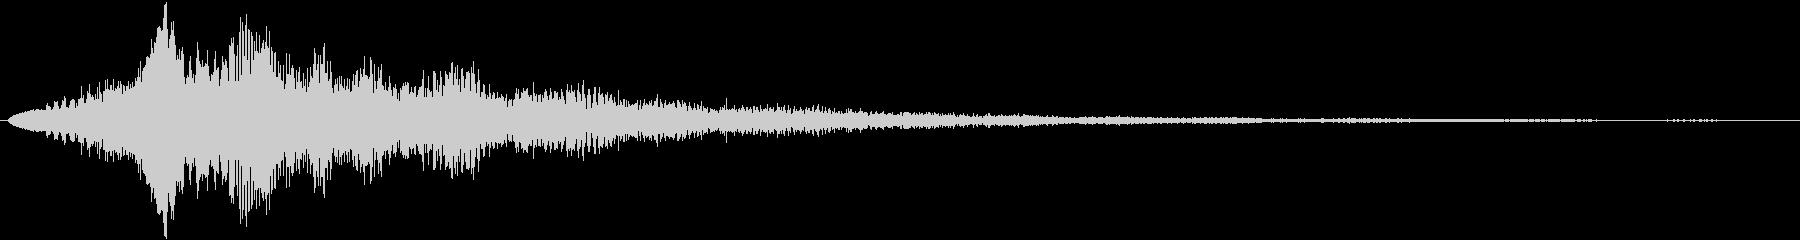 サウンドロゴ(ウエッティー)の未再生の波形